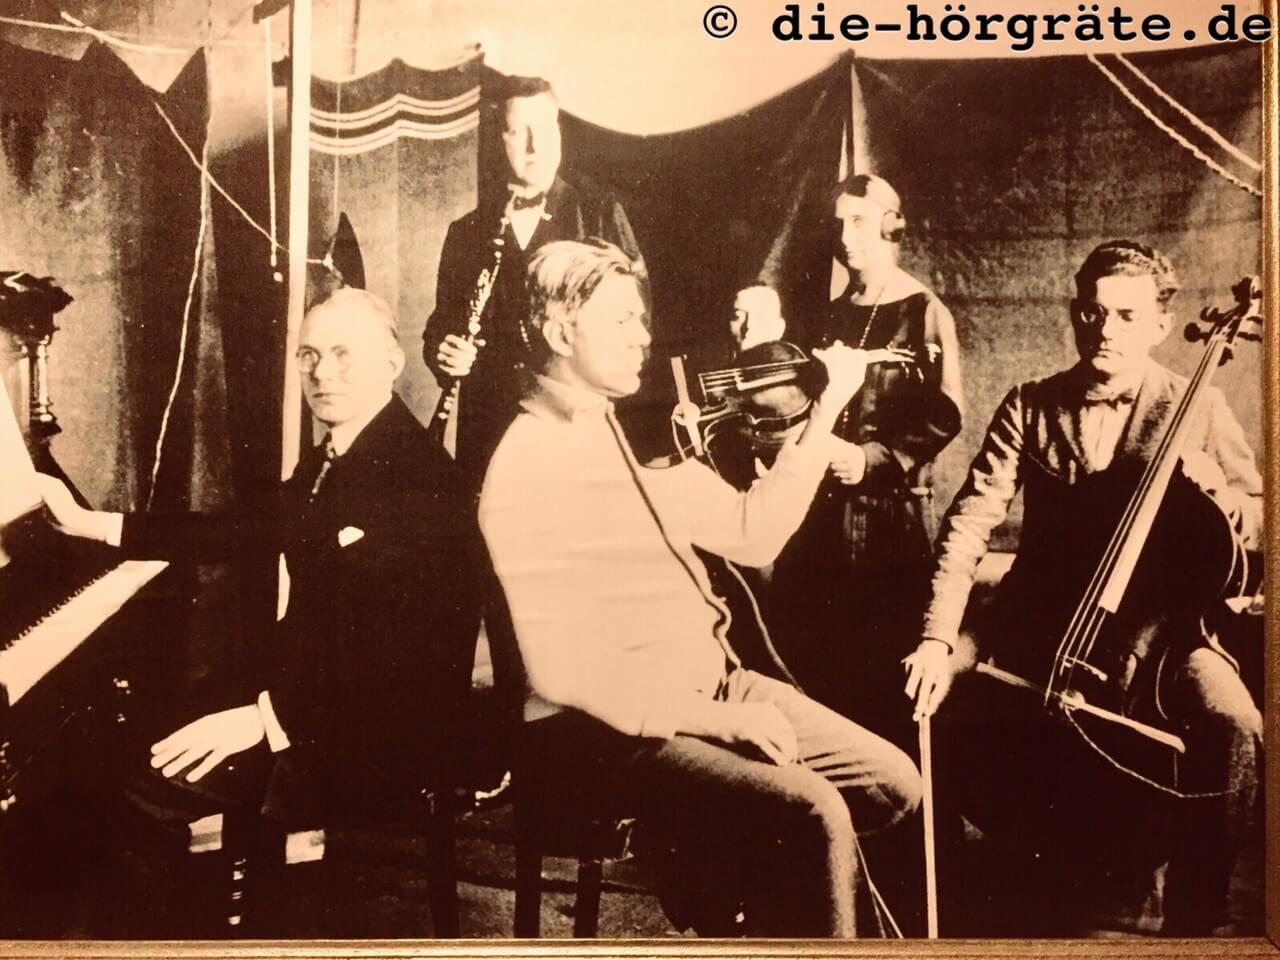 Historische Aufnahme vom ersten Radio-Konzert in Deutschland